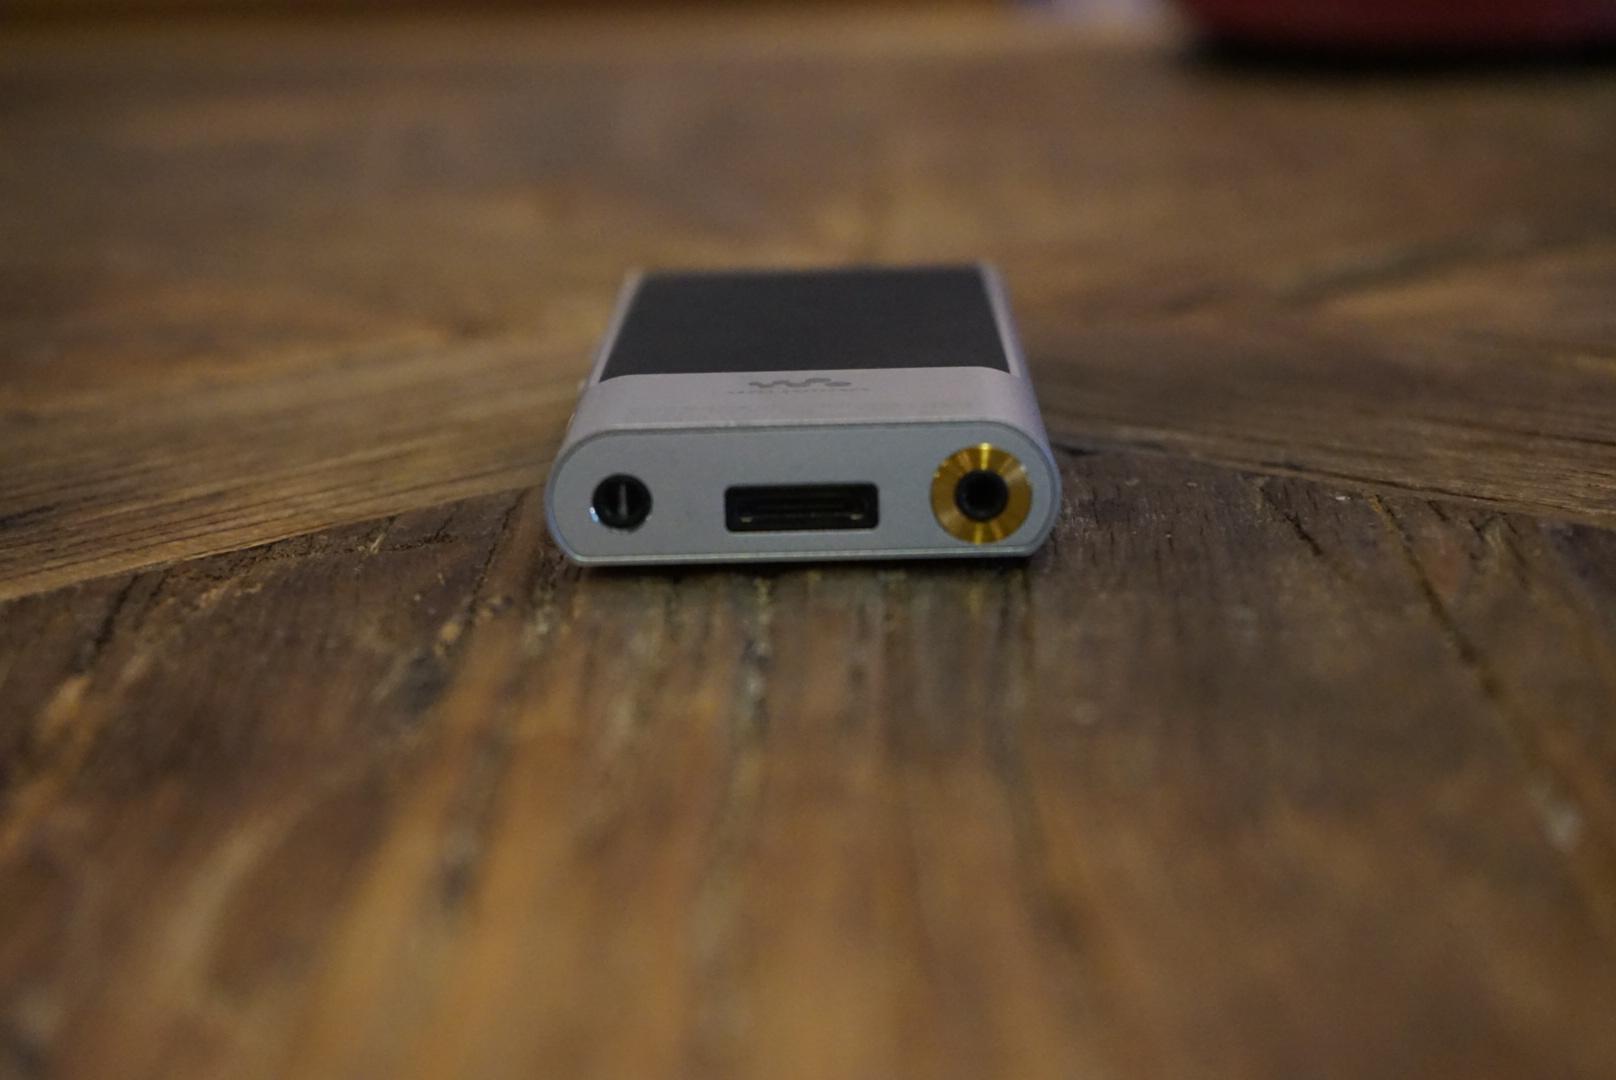 背部依然是该系列典型的翘屁股设计,整体采用了一种磨砂材质,防滑性极佳,另外NFC的标签同样也在这里。耳机插口也是这些年来SONY播放器风格,ZX系列惯有的3.5mm镀金耳机口成为了标配,正面按键上贴着一枚明显的 Hi-Res 小金标,这可以索粉们为之疯狂的最重要原因,具体我们后面再讲。